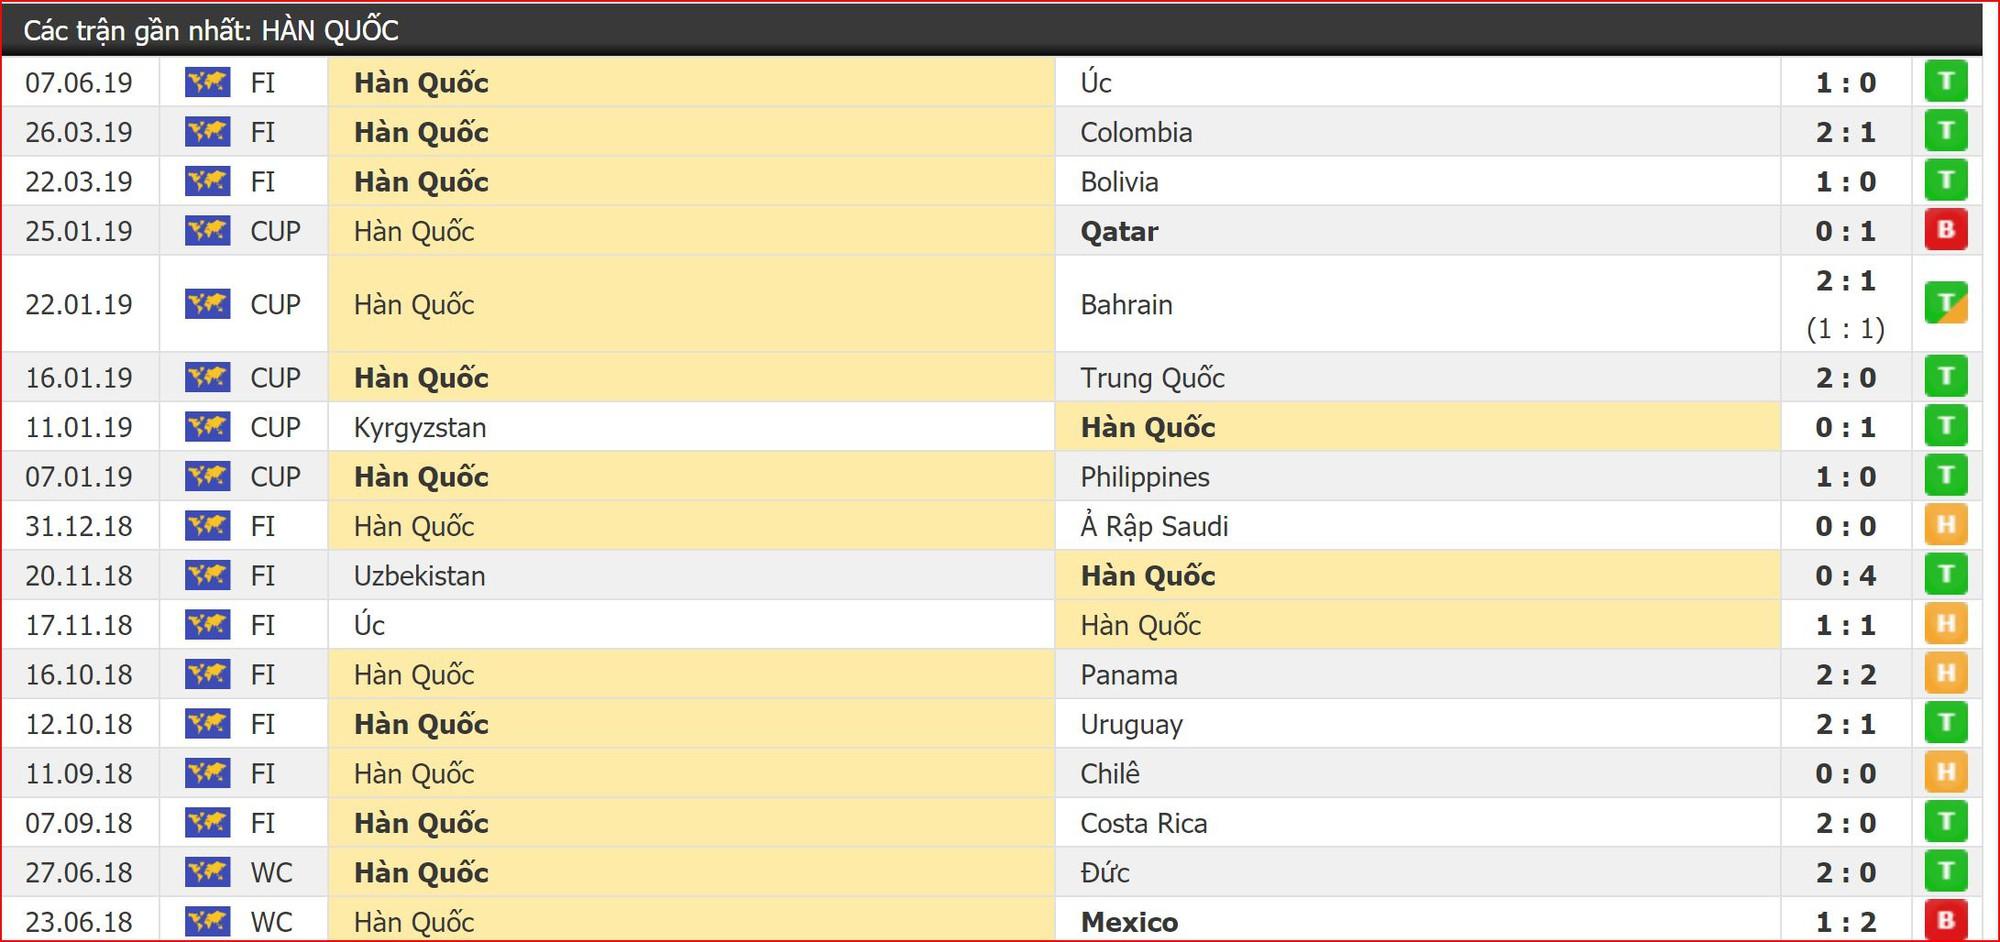 Nhận định bóng đá Hàn Quốc vs Iran (18h00, 11/6) Giao hữu trước thềm Vòng loại World Cup 2022 - Ảnh 2.